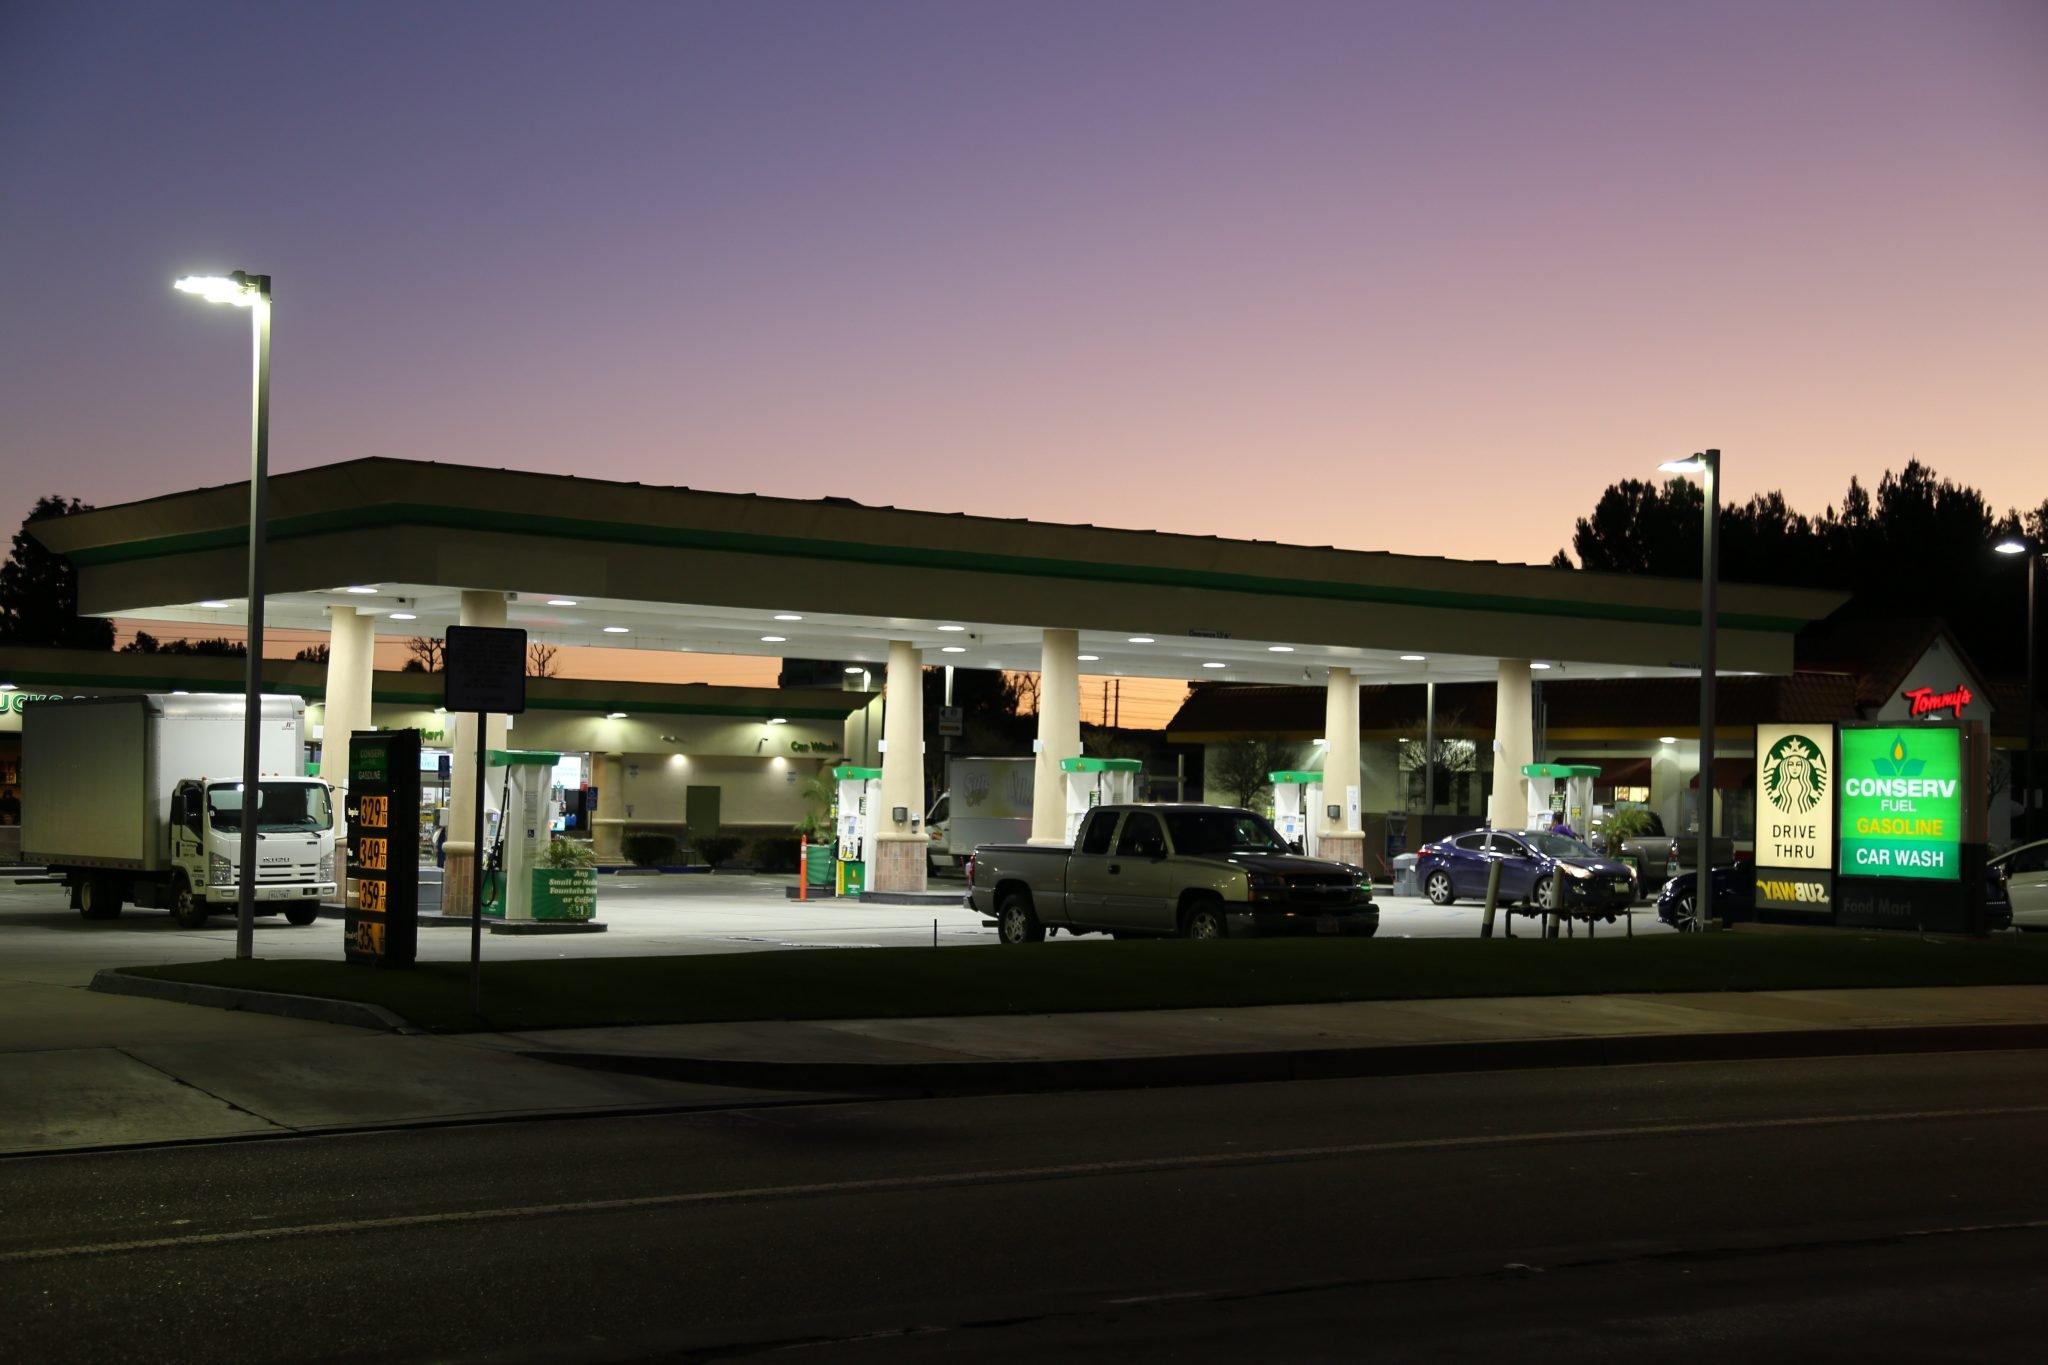 Valencia, California - Conserv Fuel & Convenience Store